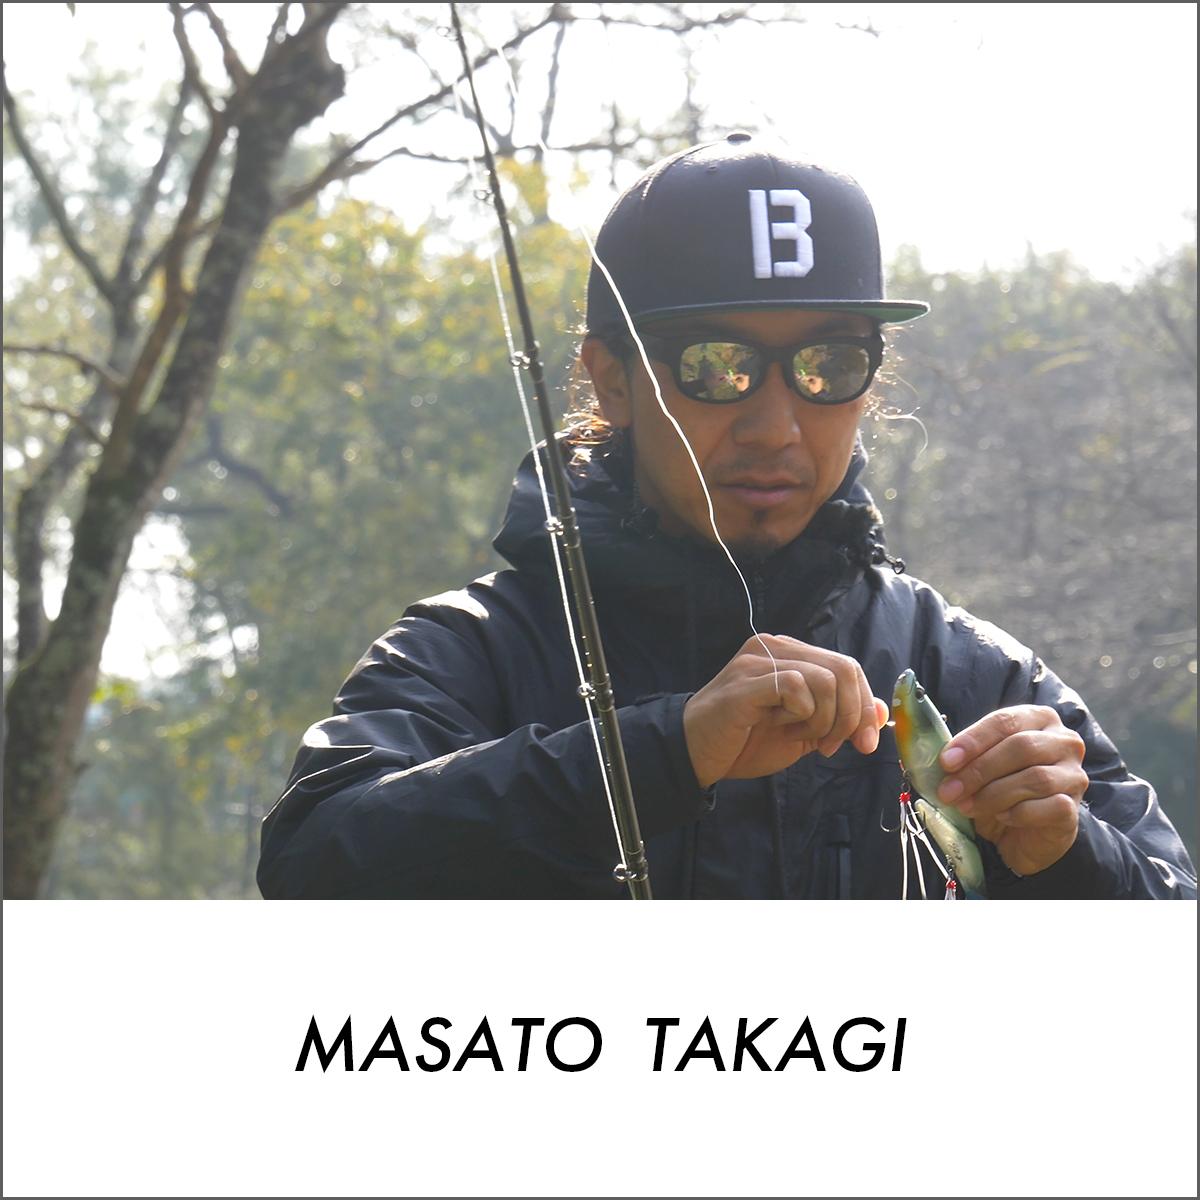 MASATO TAKAGI